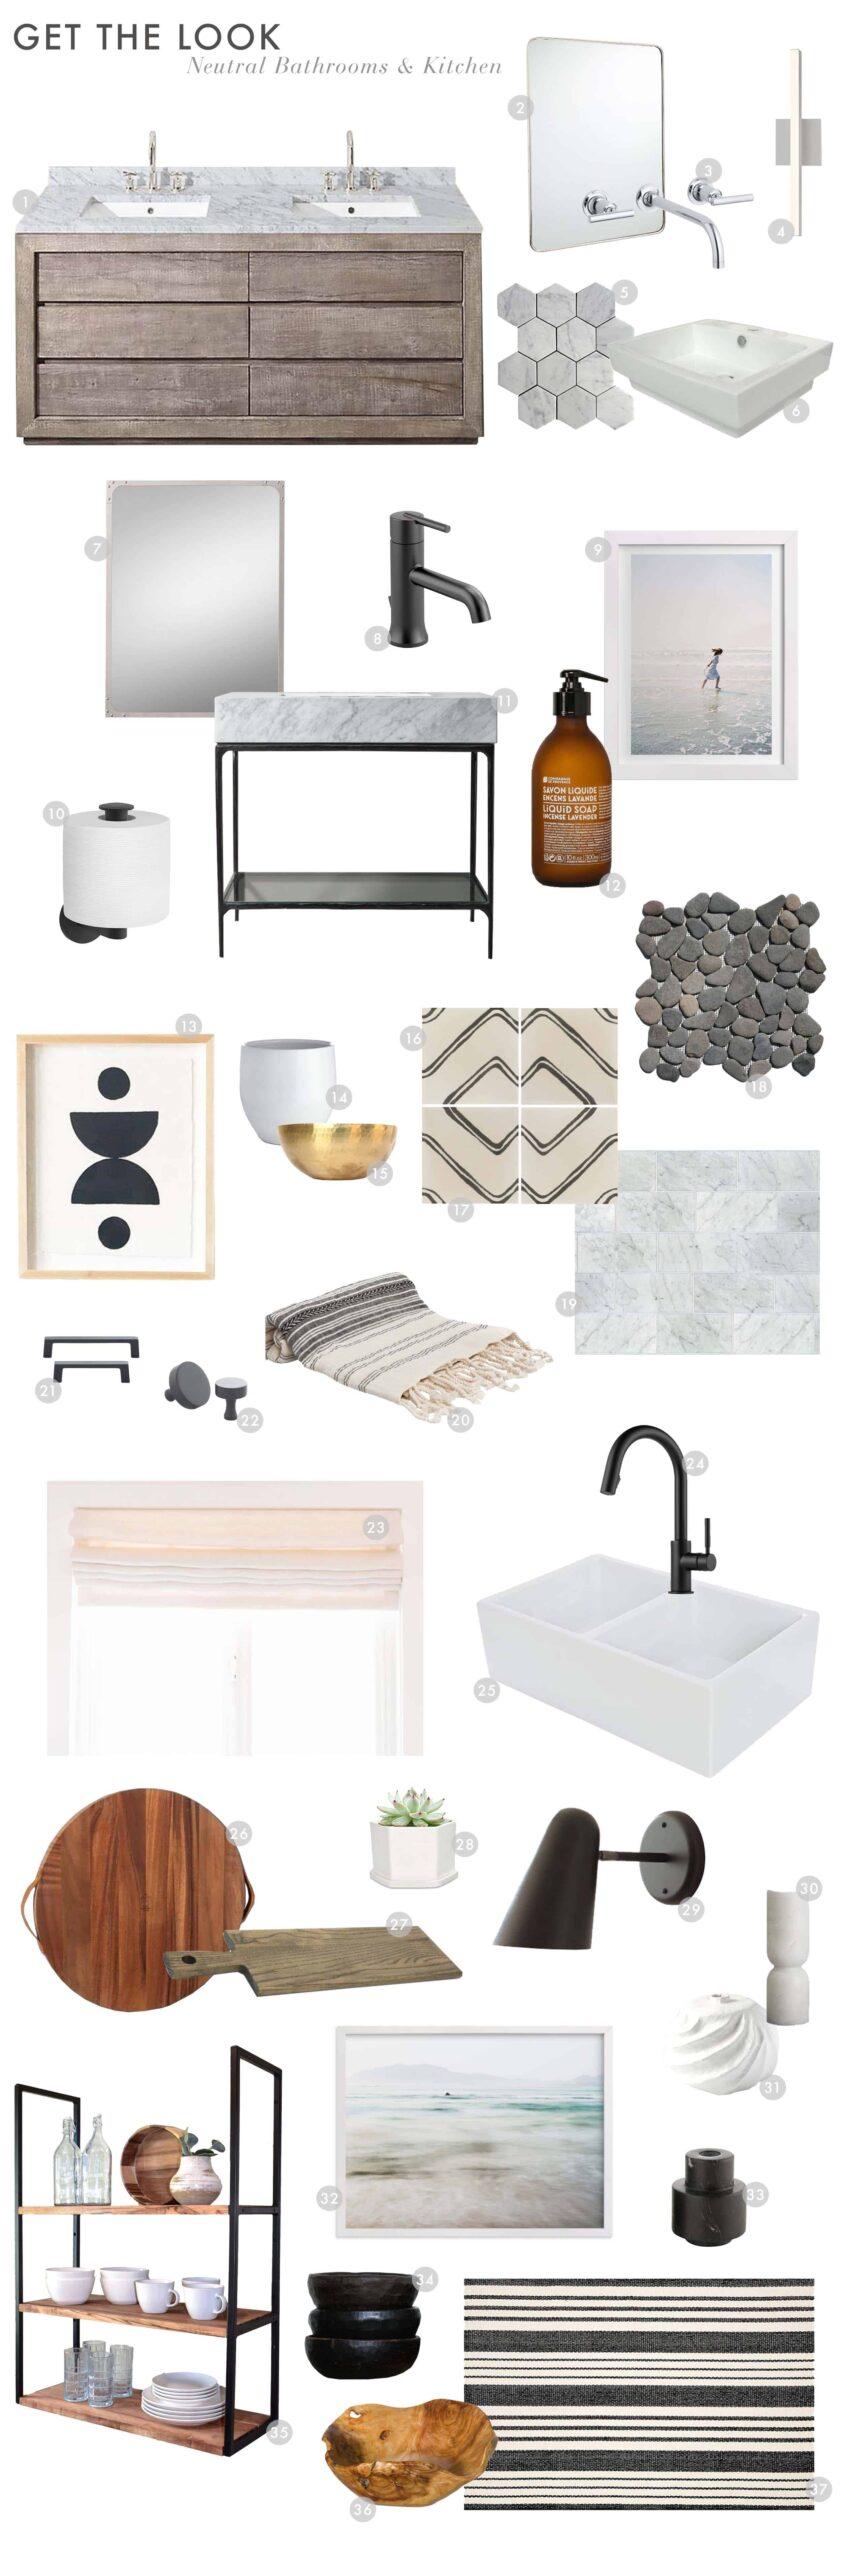 Neutral Modern Bathroom & Kitchen Decor